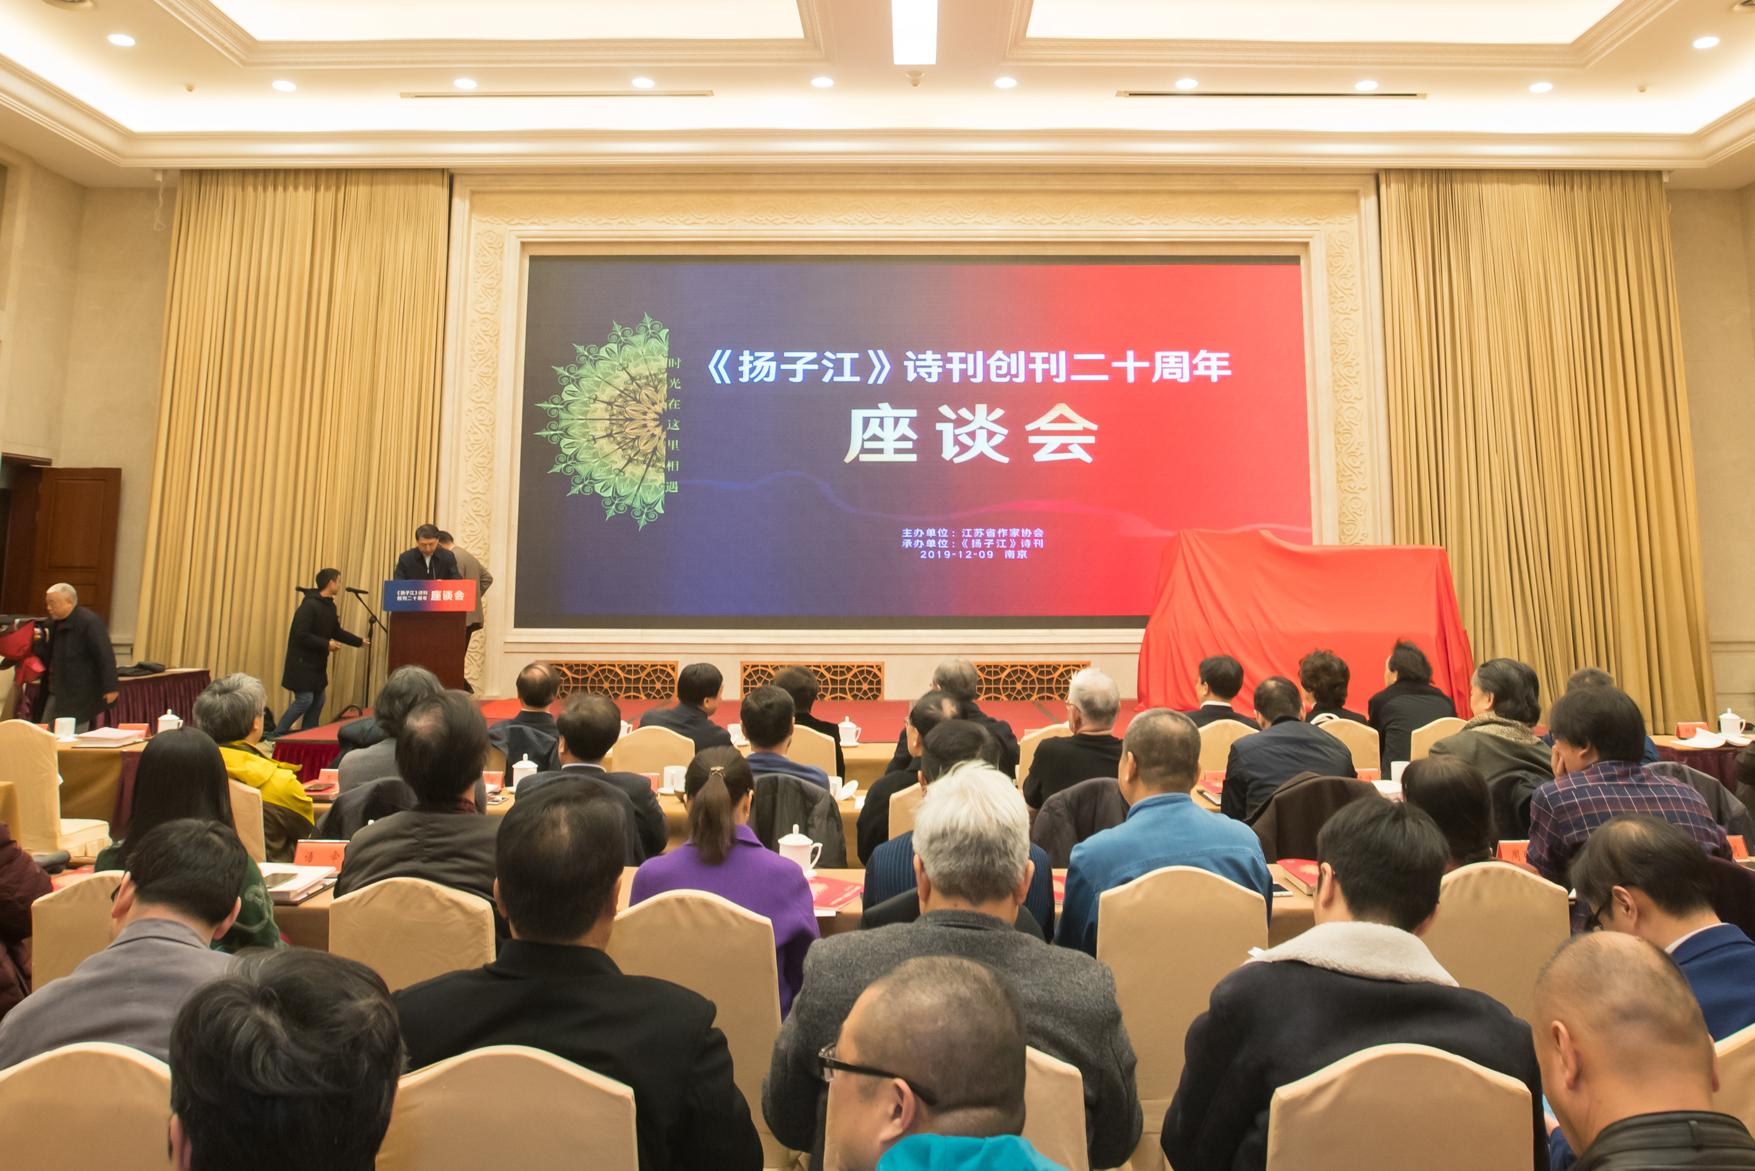 《扬子江》诗刊创刊二十周年座谈会在南京召开